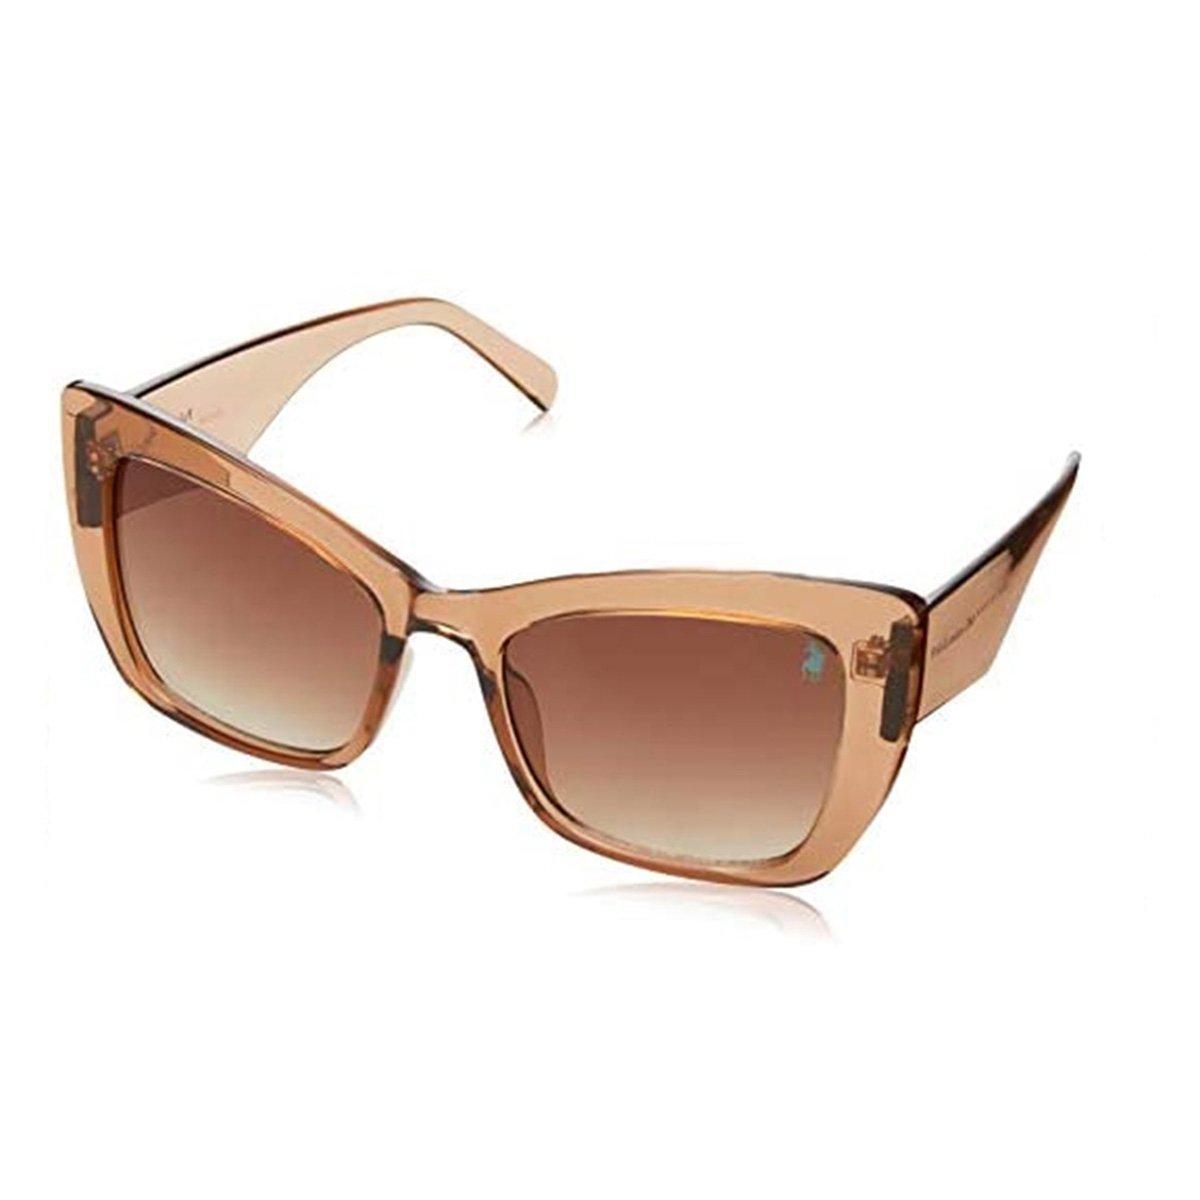 Óculos de Sol Polo London Club NYD 183 Feminino - Marrom Escuro